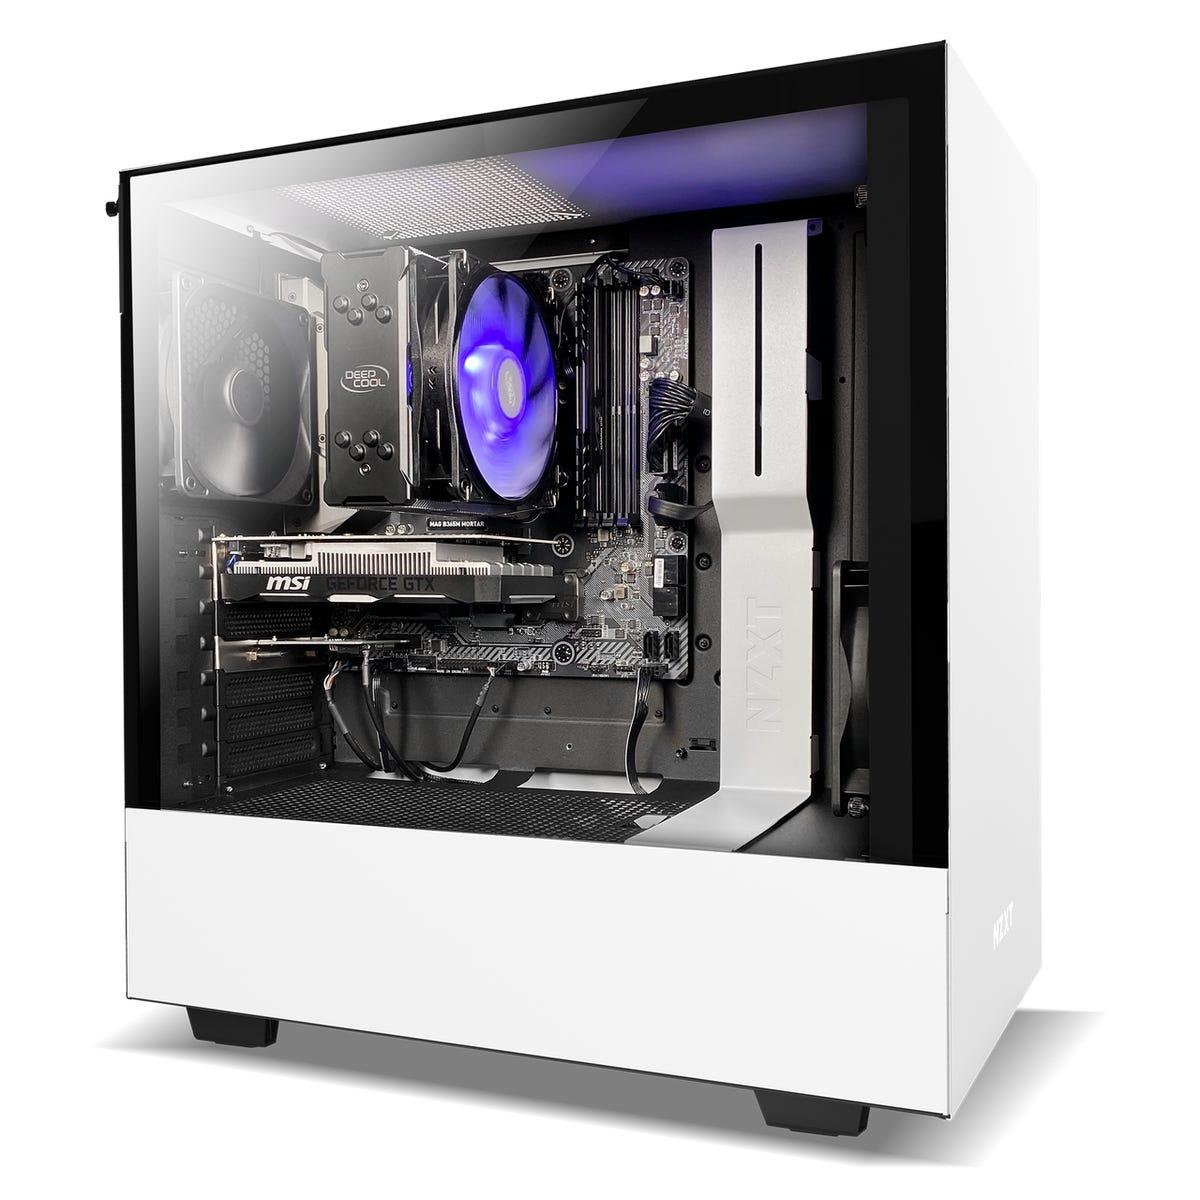 nzxt-starter-pc-gaming-desktop.png